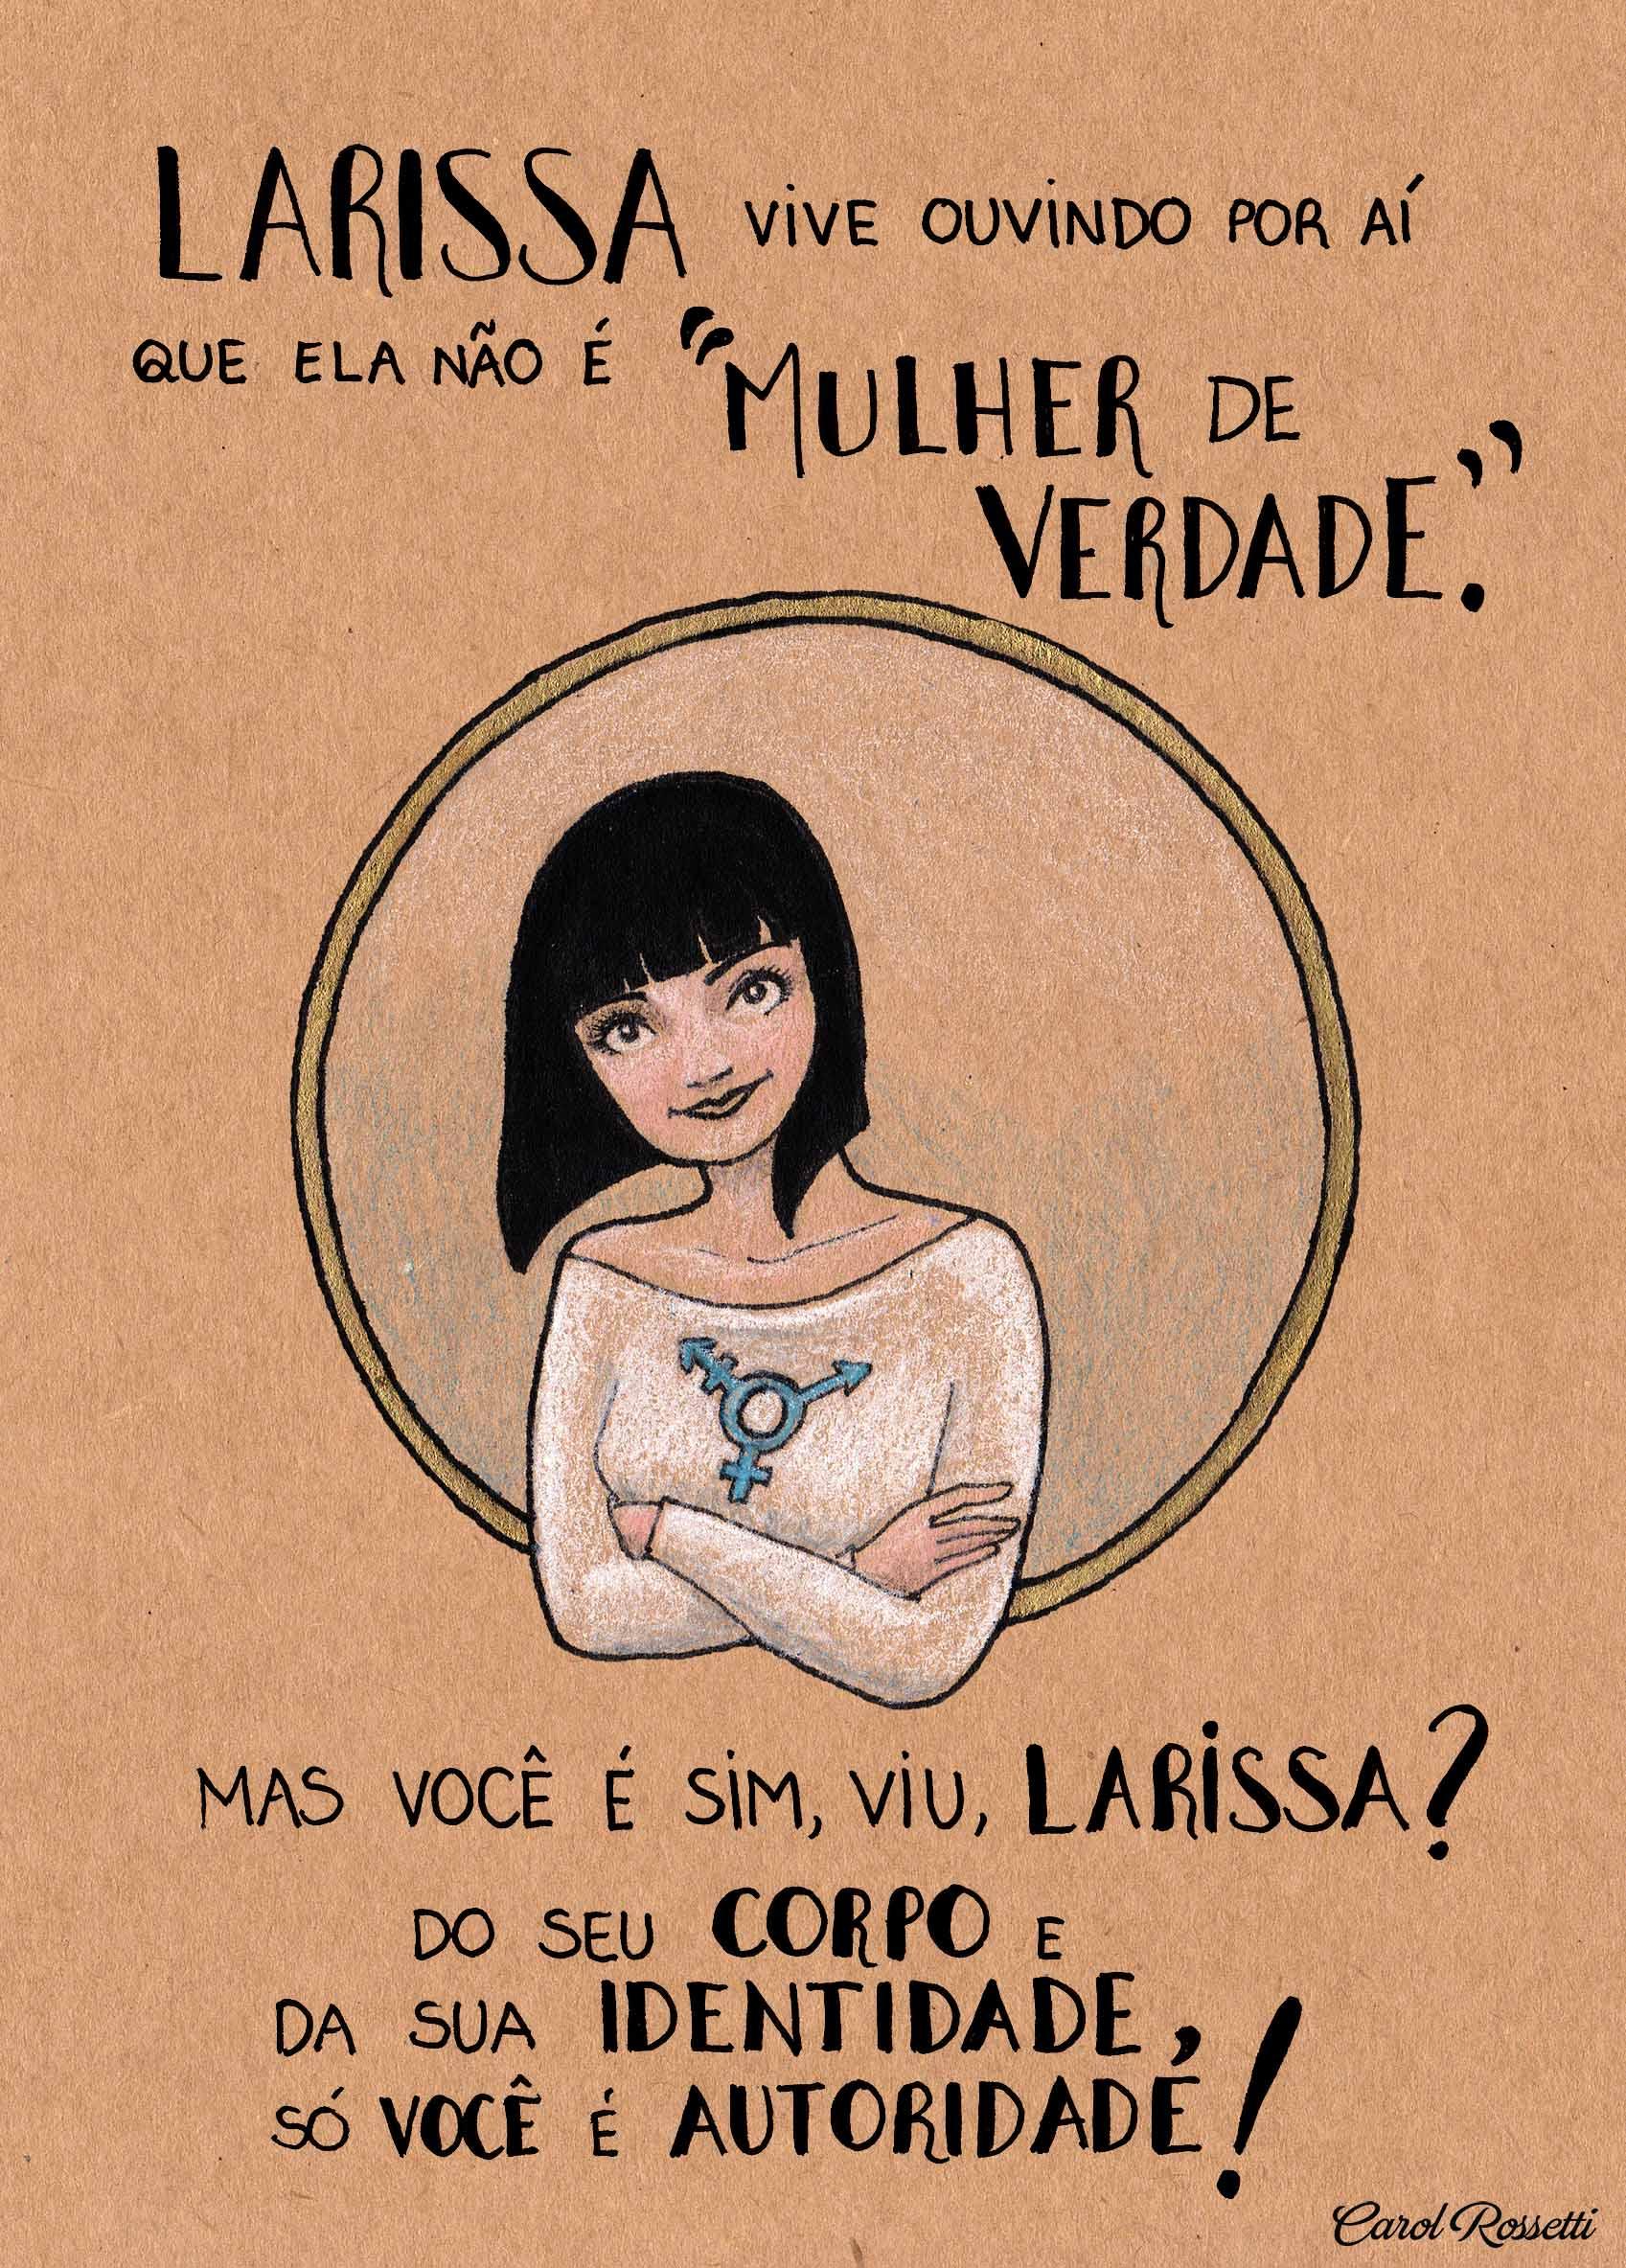 CR_LARISSA.jpg